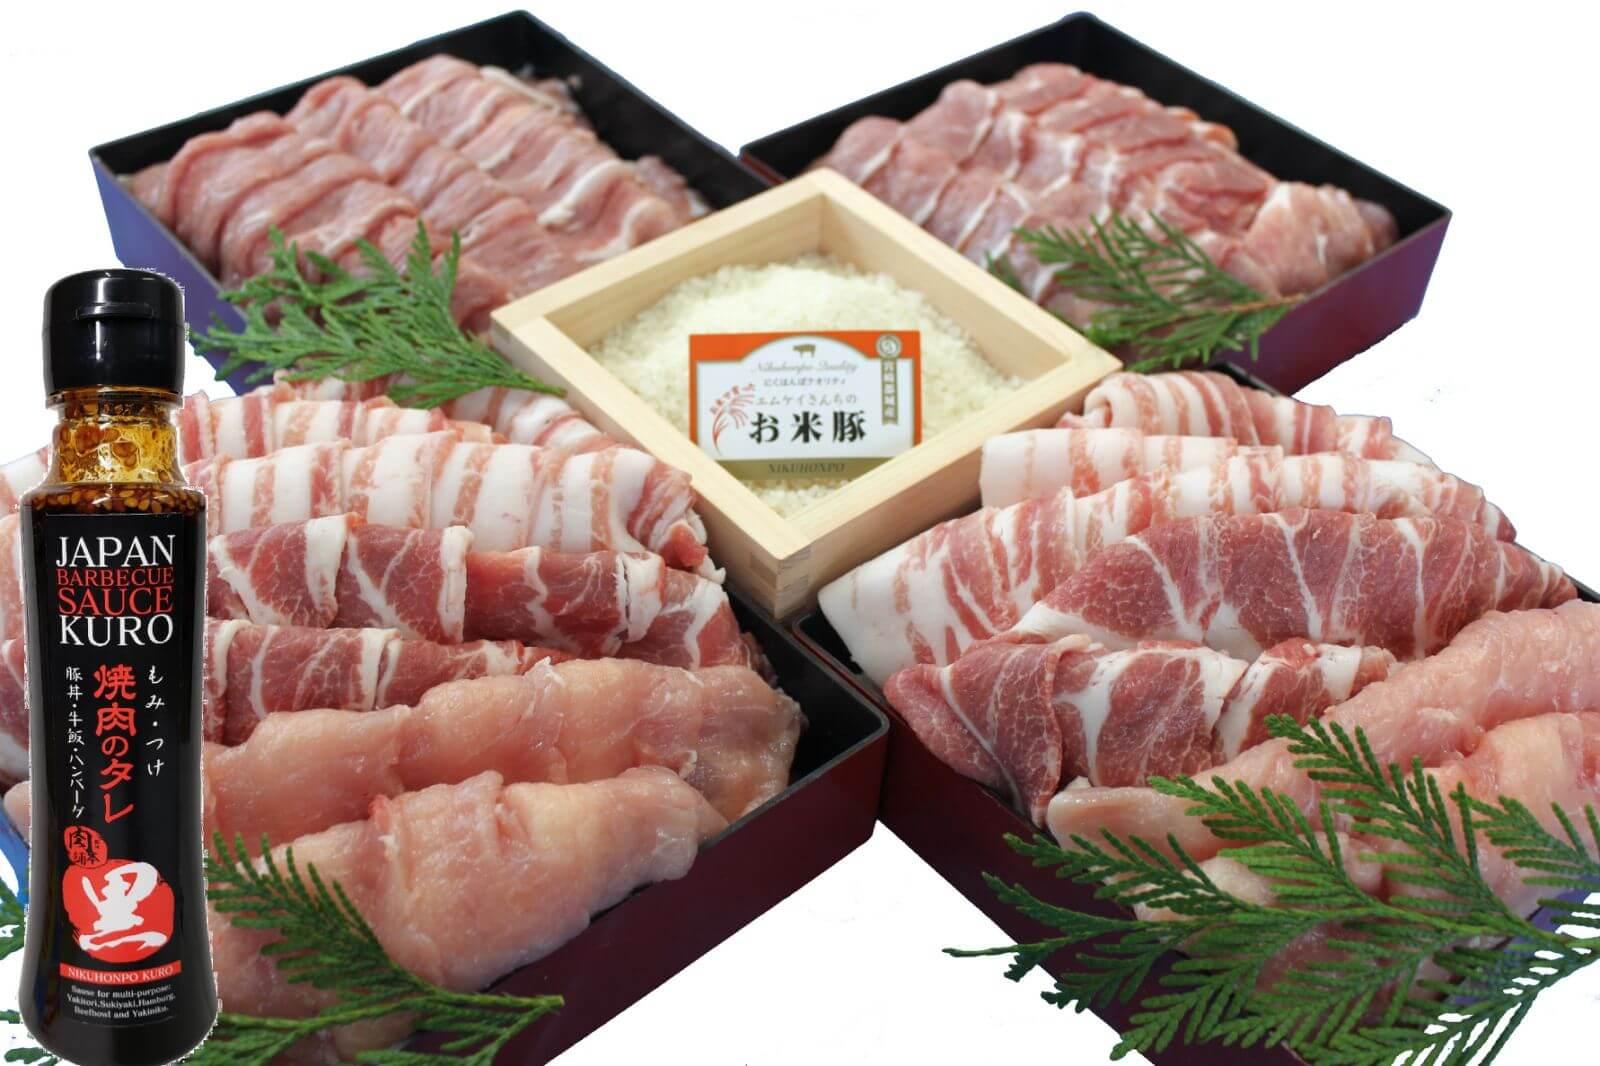 都城産「お米豚」ときめき3.7kgセット(黒たれつき)